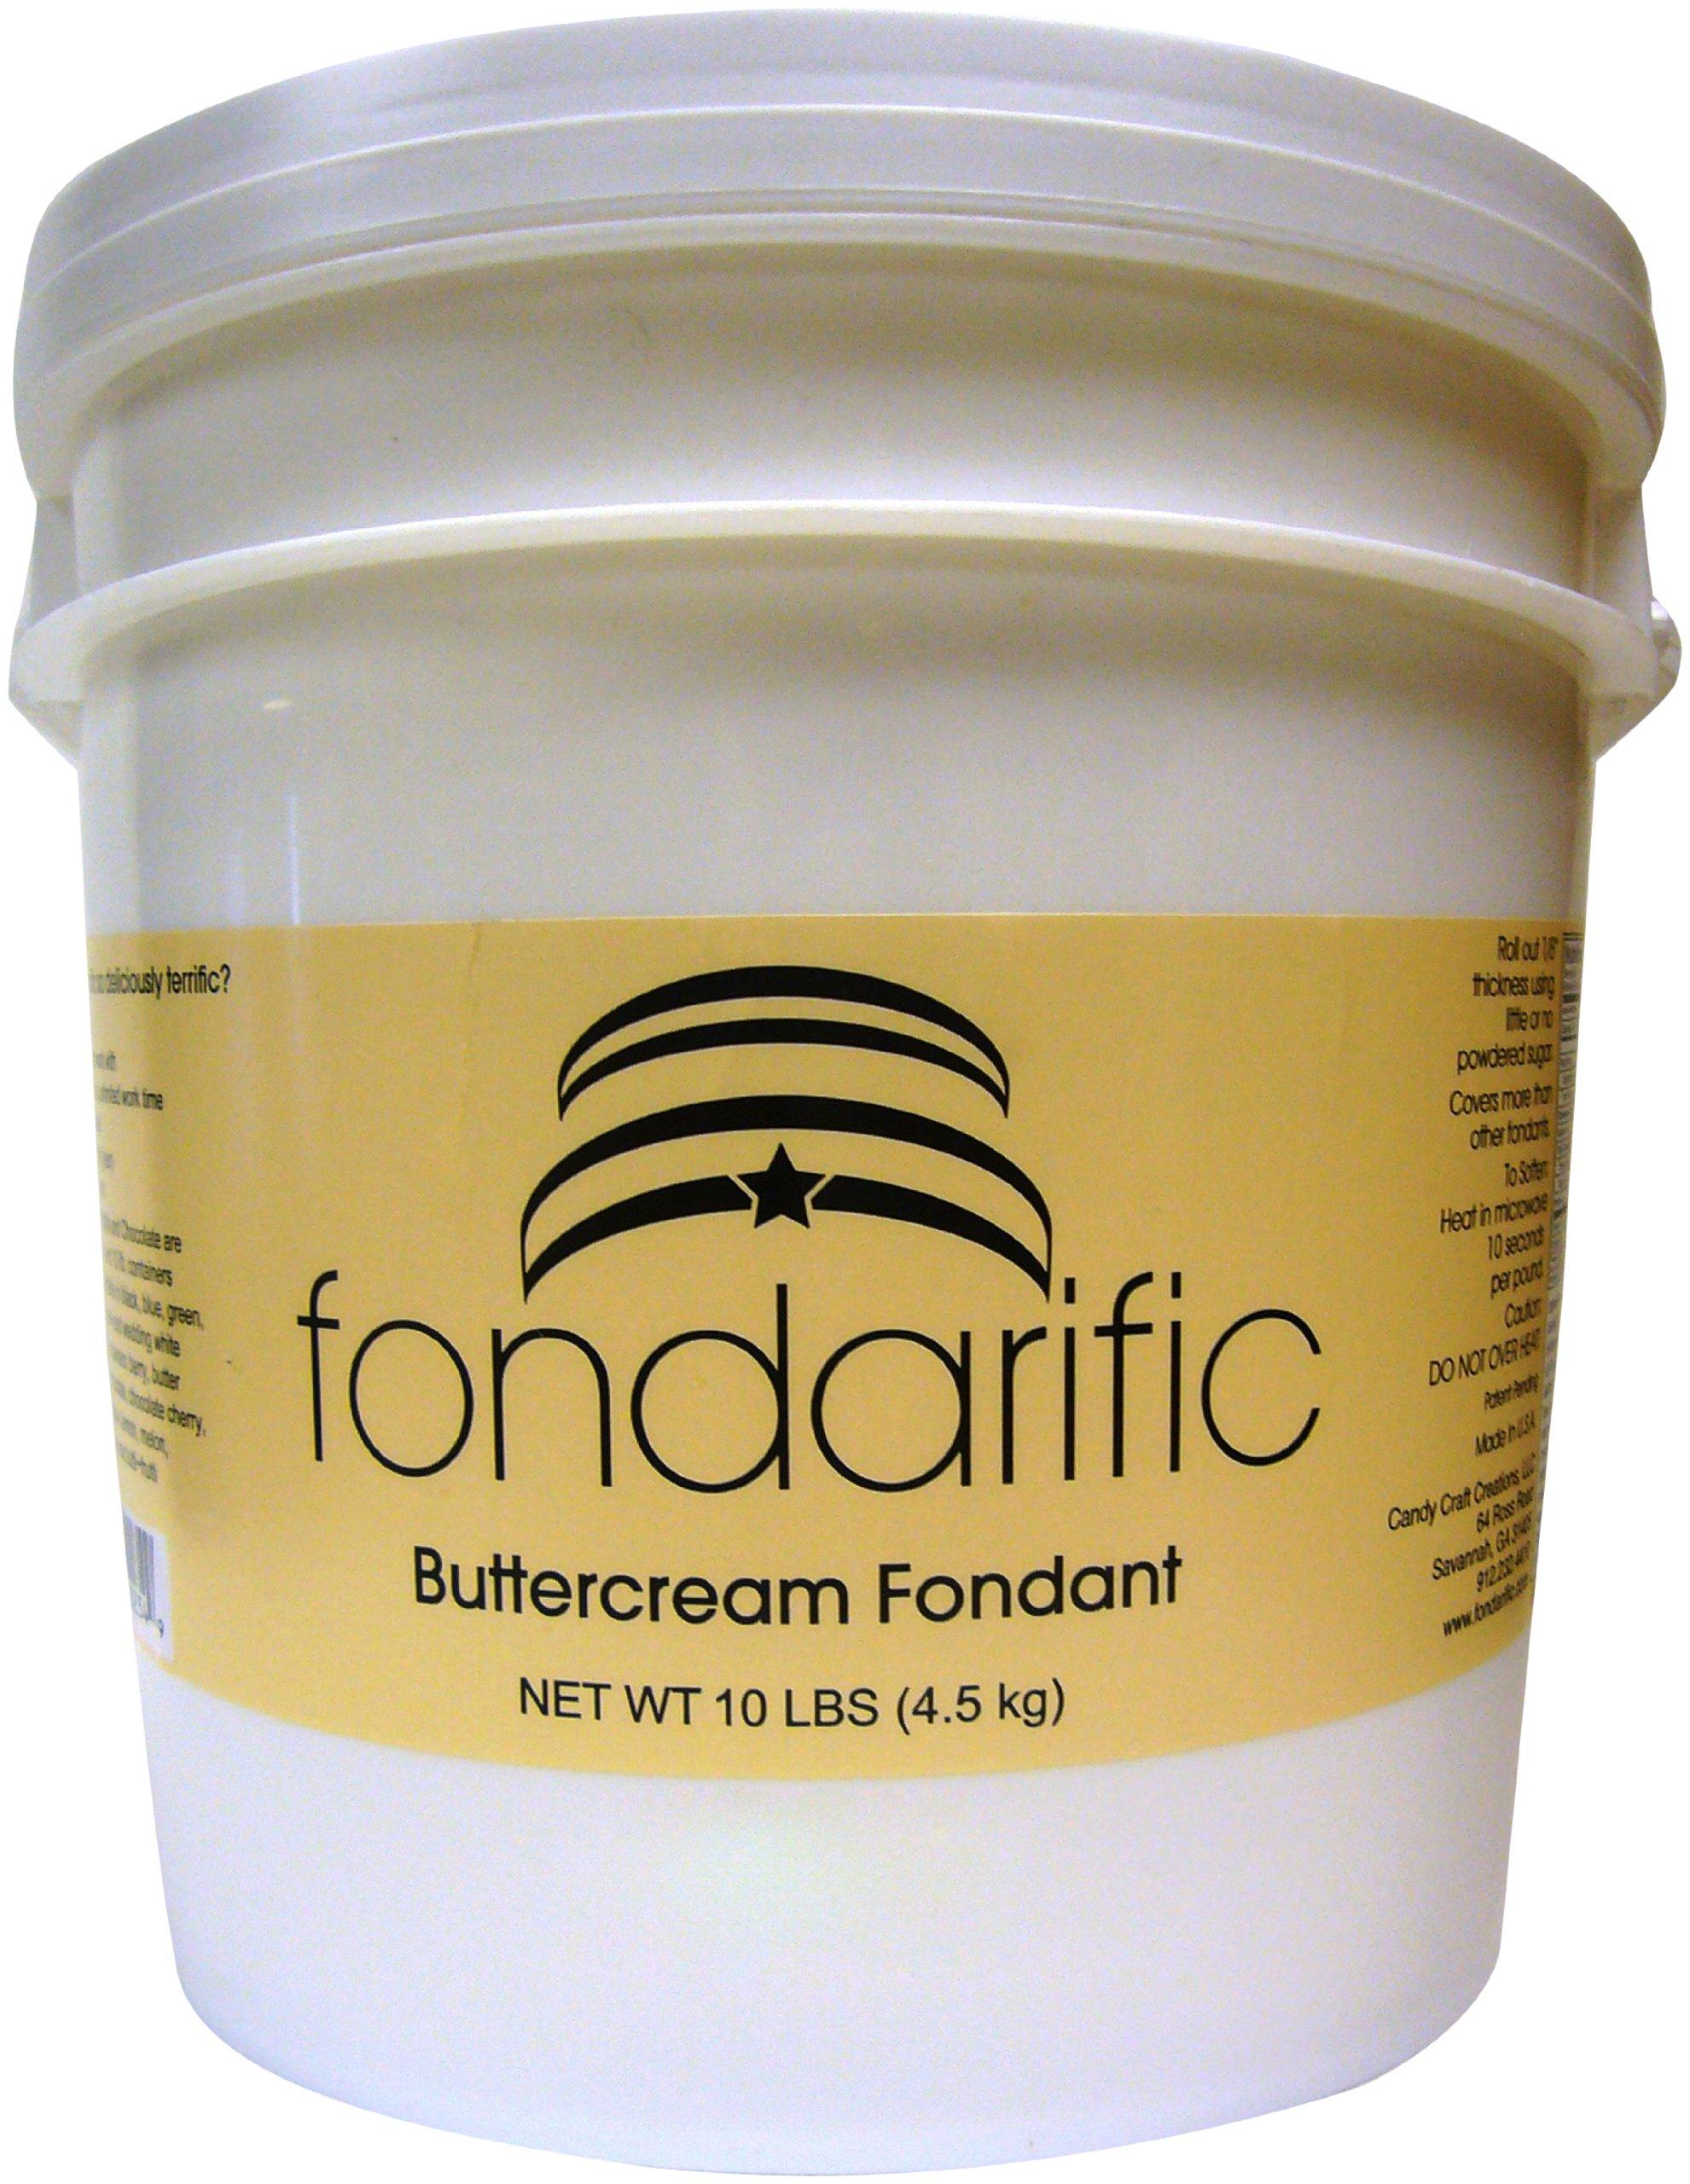 Fondarific Buttercream Red Fondant, 10-Pound Bucket by Fondarific (Image #1)